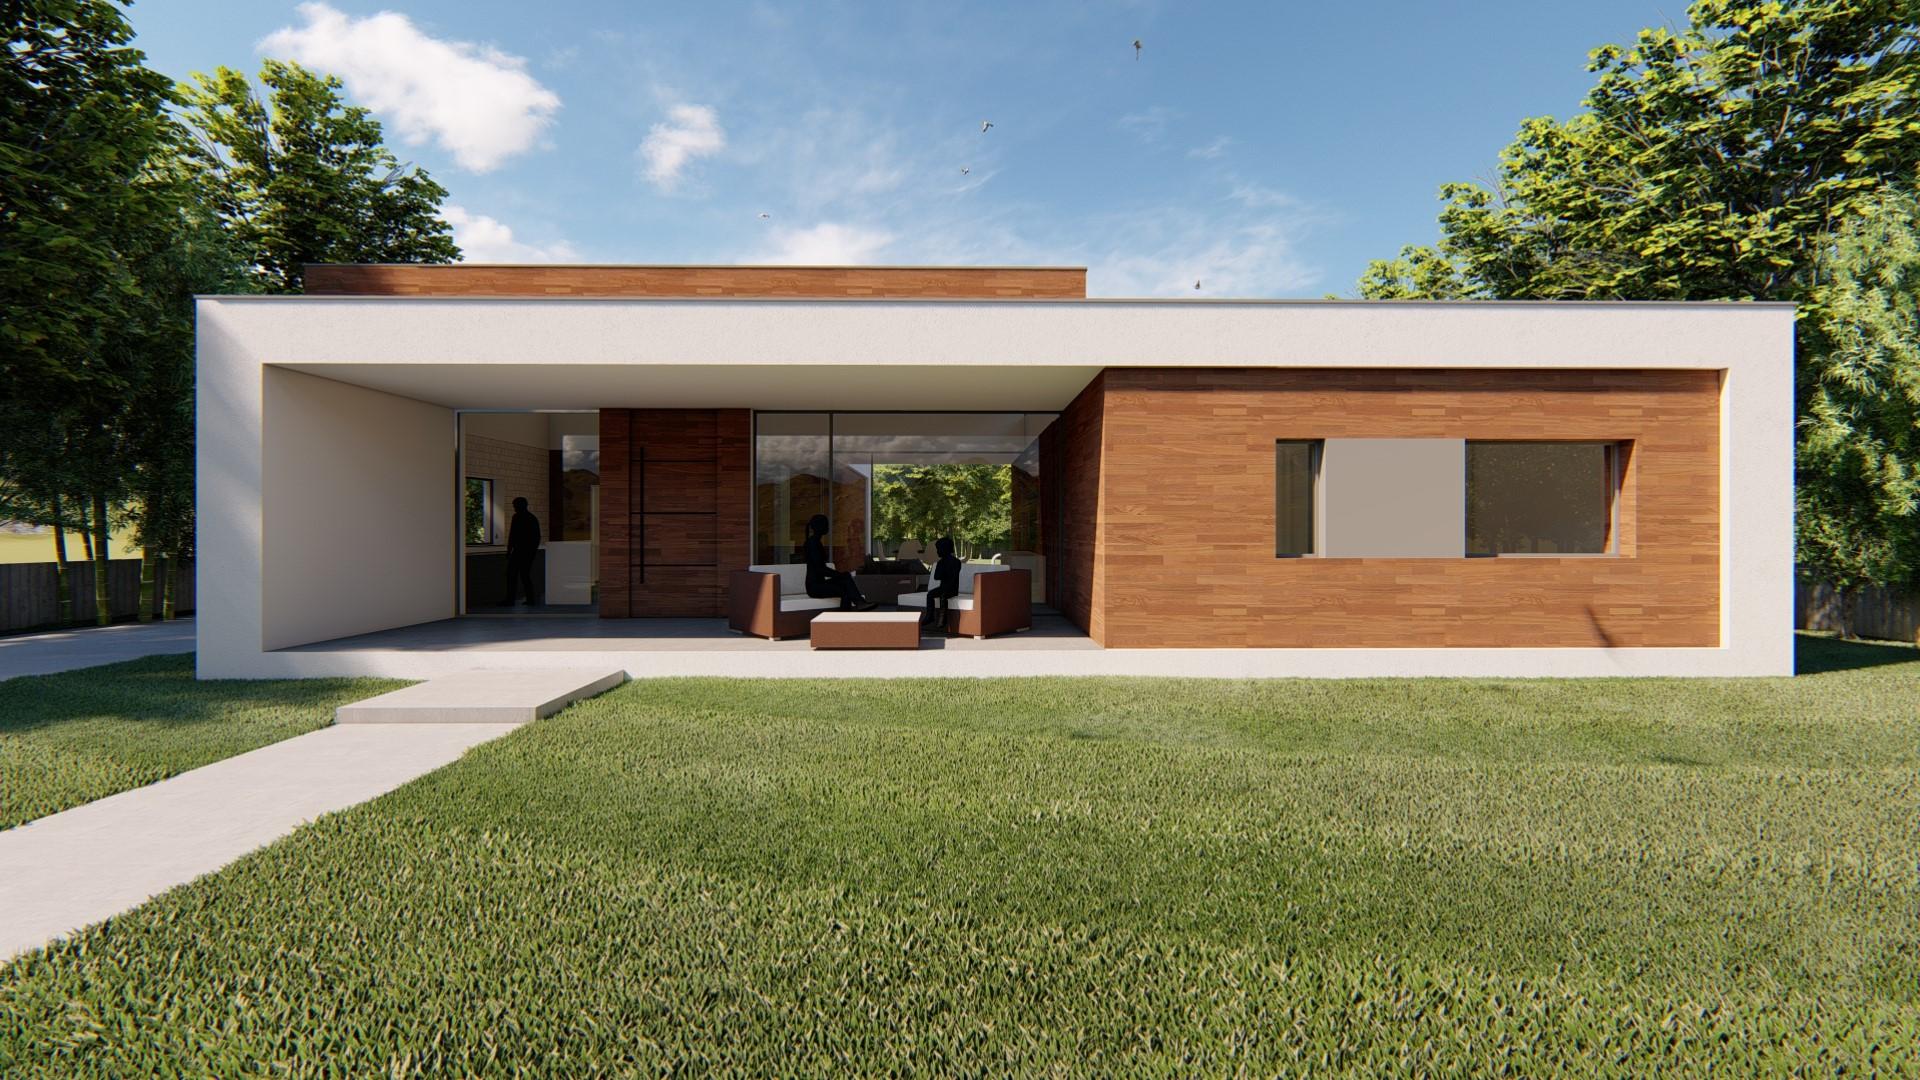 Vivienda unifamiliar Tui. Arquitecto. Arquitectura.